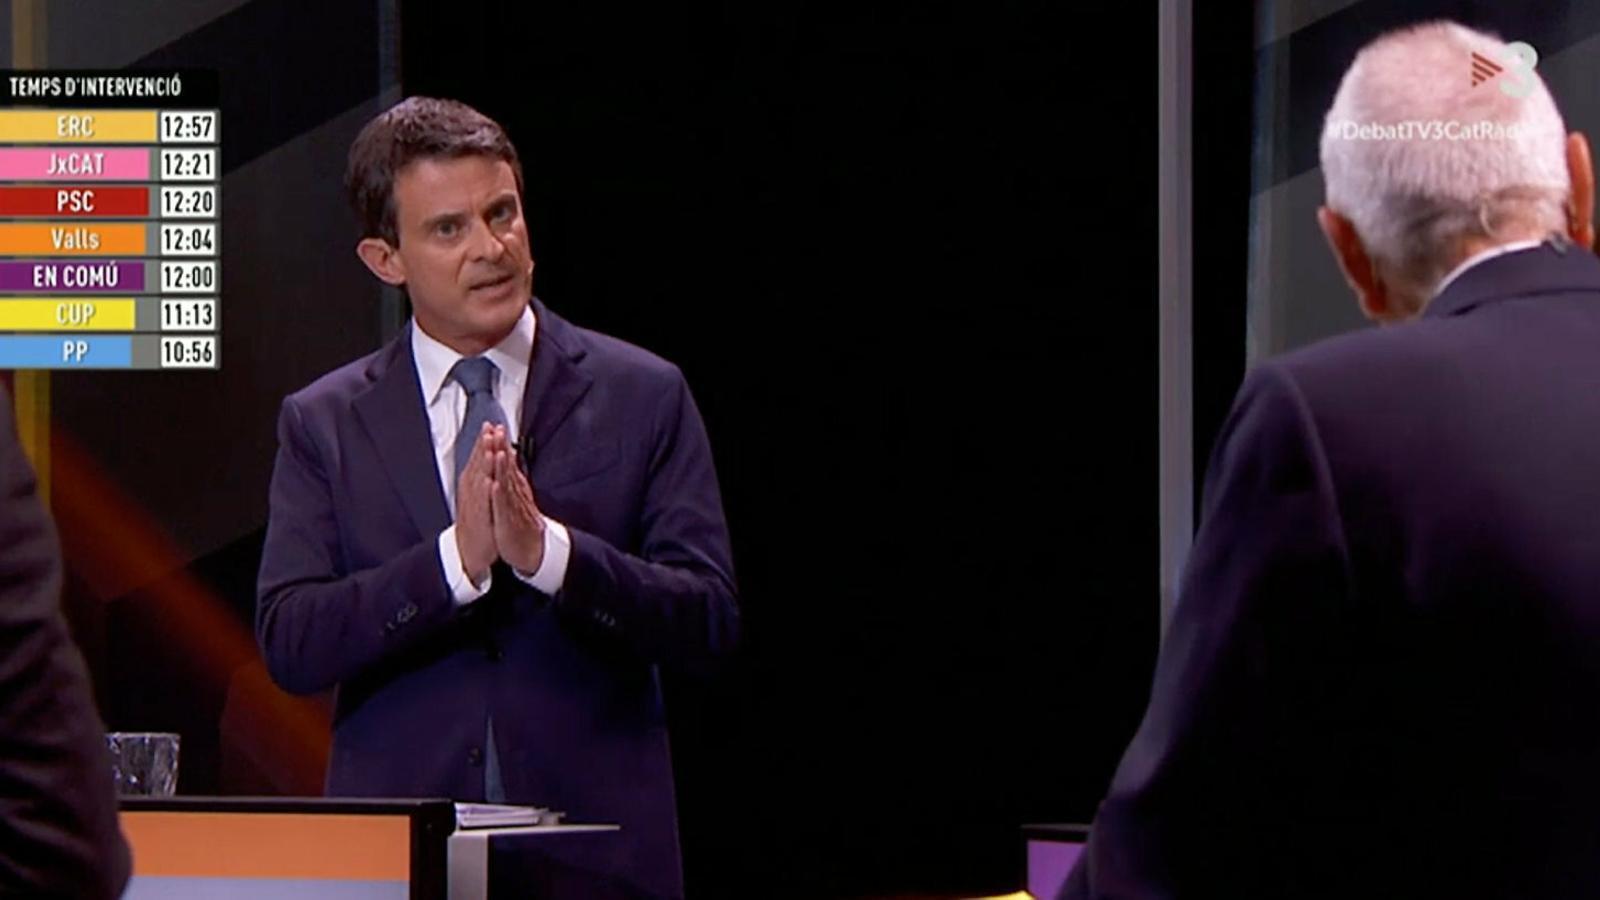 El debat i el misteri de la marca Valls